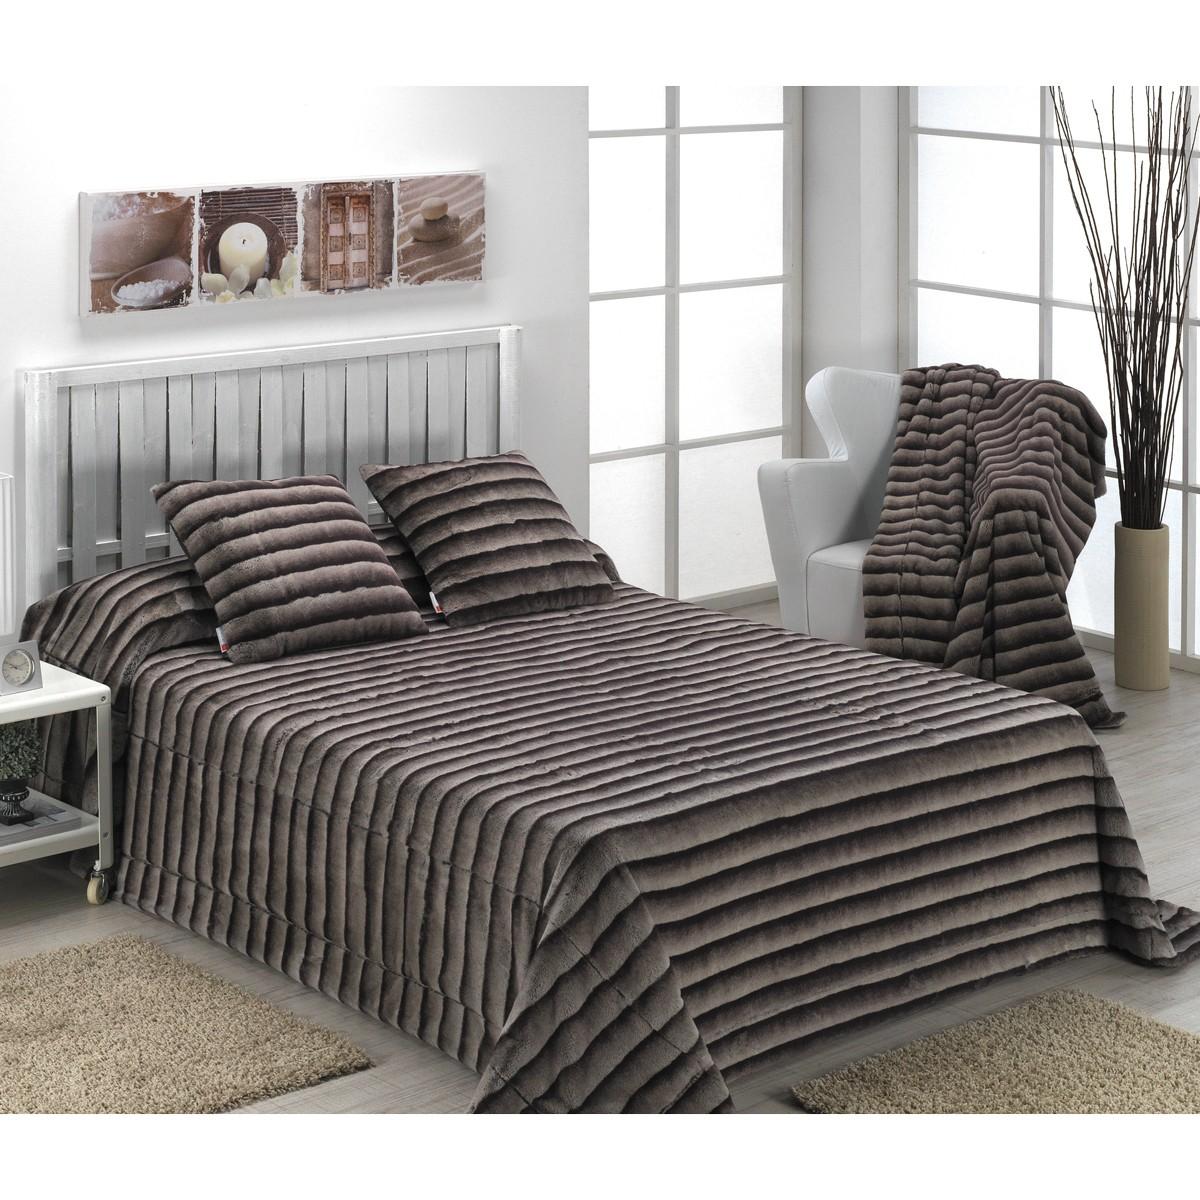 Κουβέρτα Γούνινη Υπέρδιπλη Morven Moscu C84 Grey home   κρεβατοκάμαρα   κουβέρτες   κουβέρτες γούνινες   μάλλινες